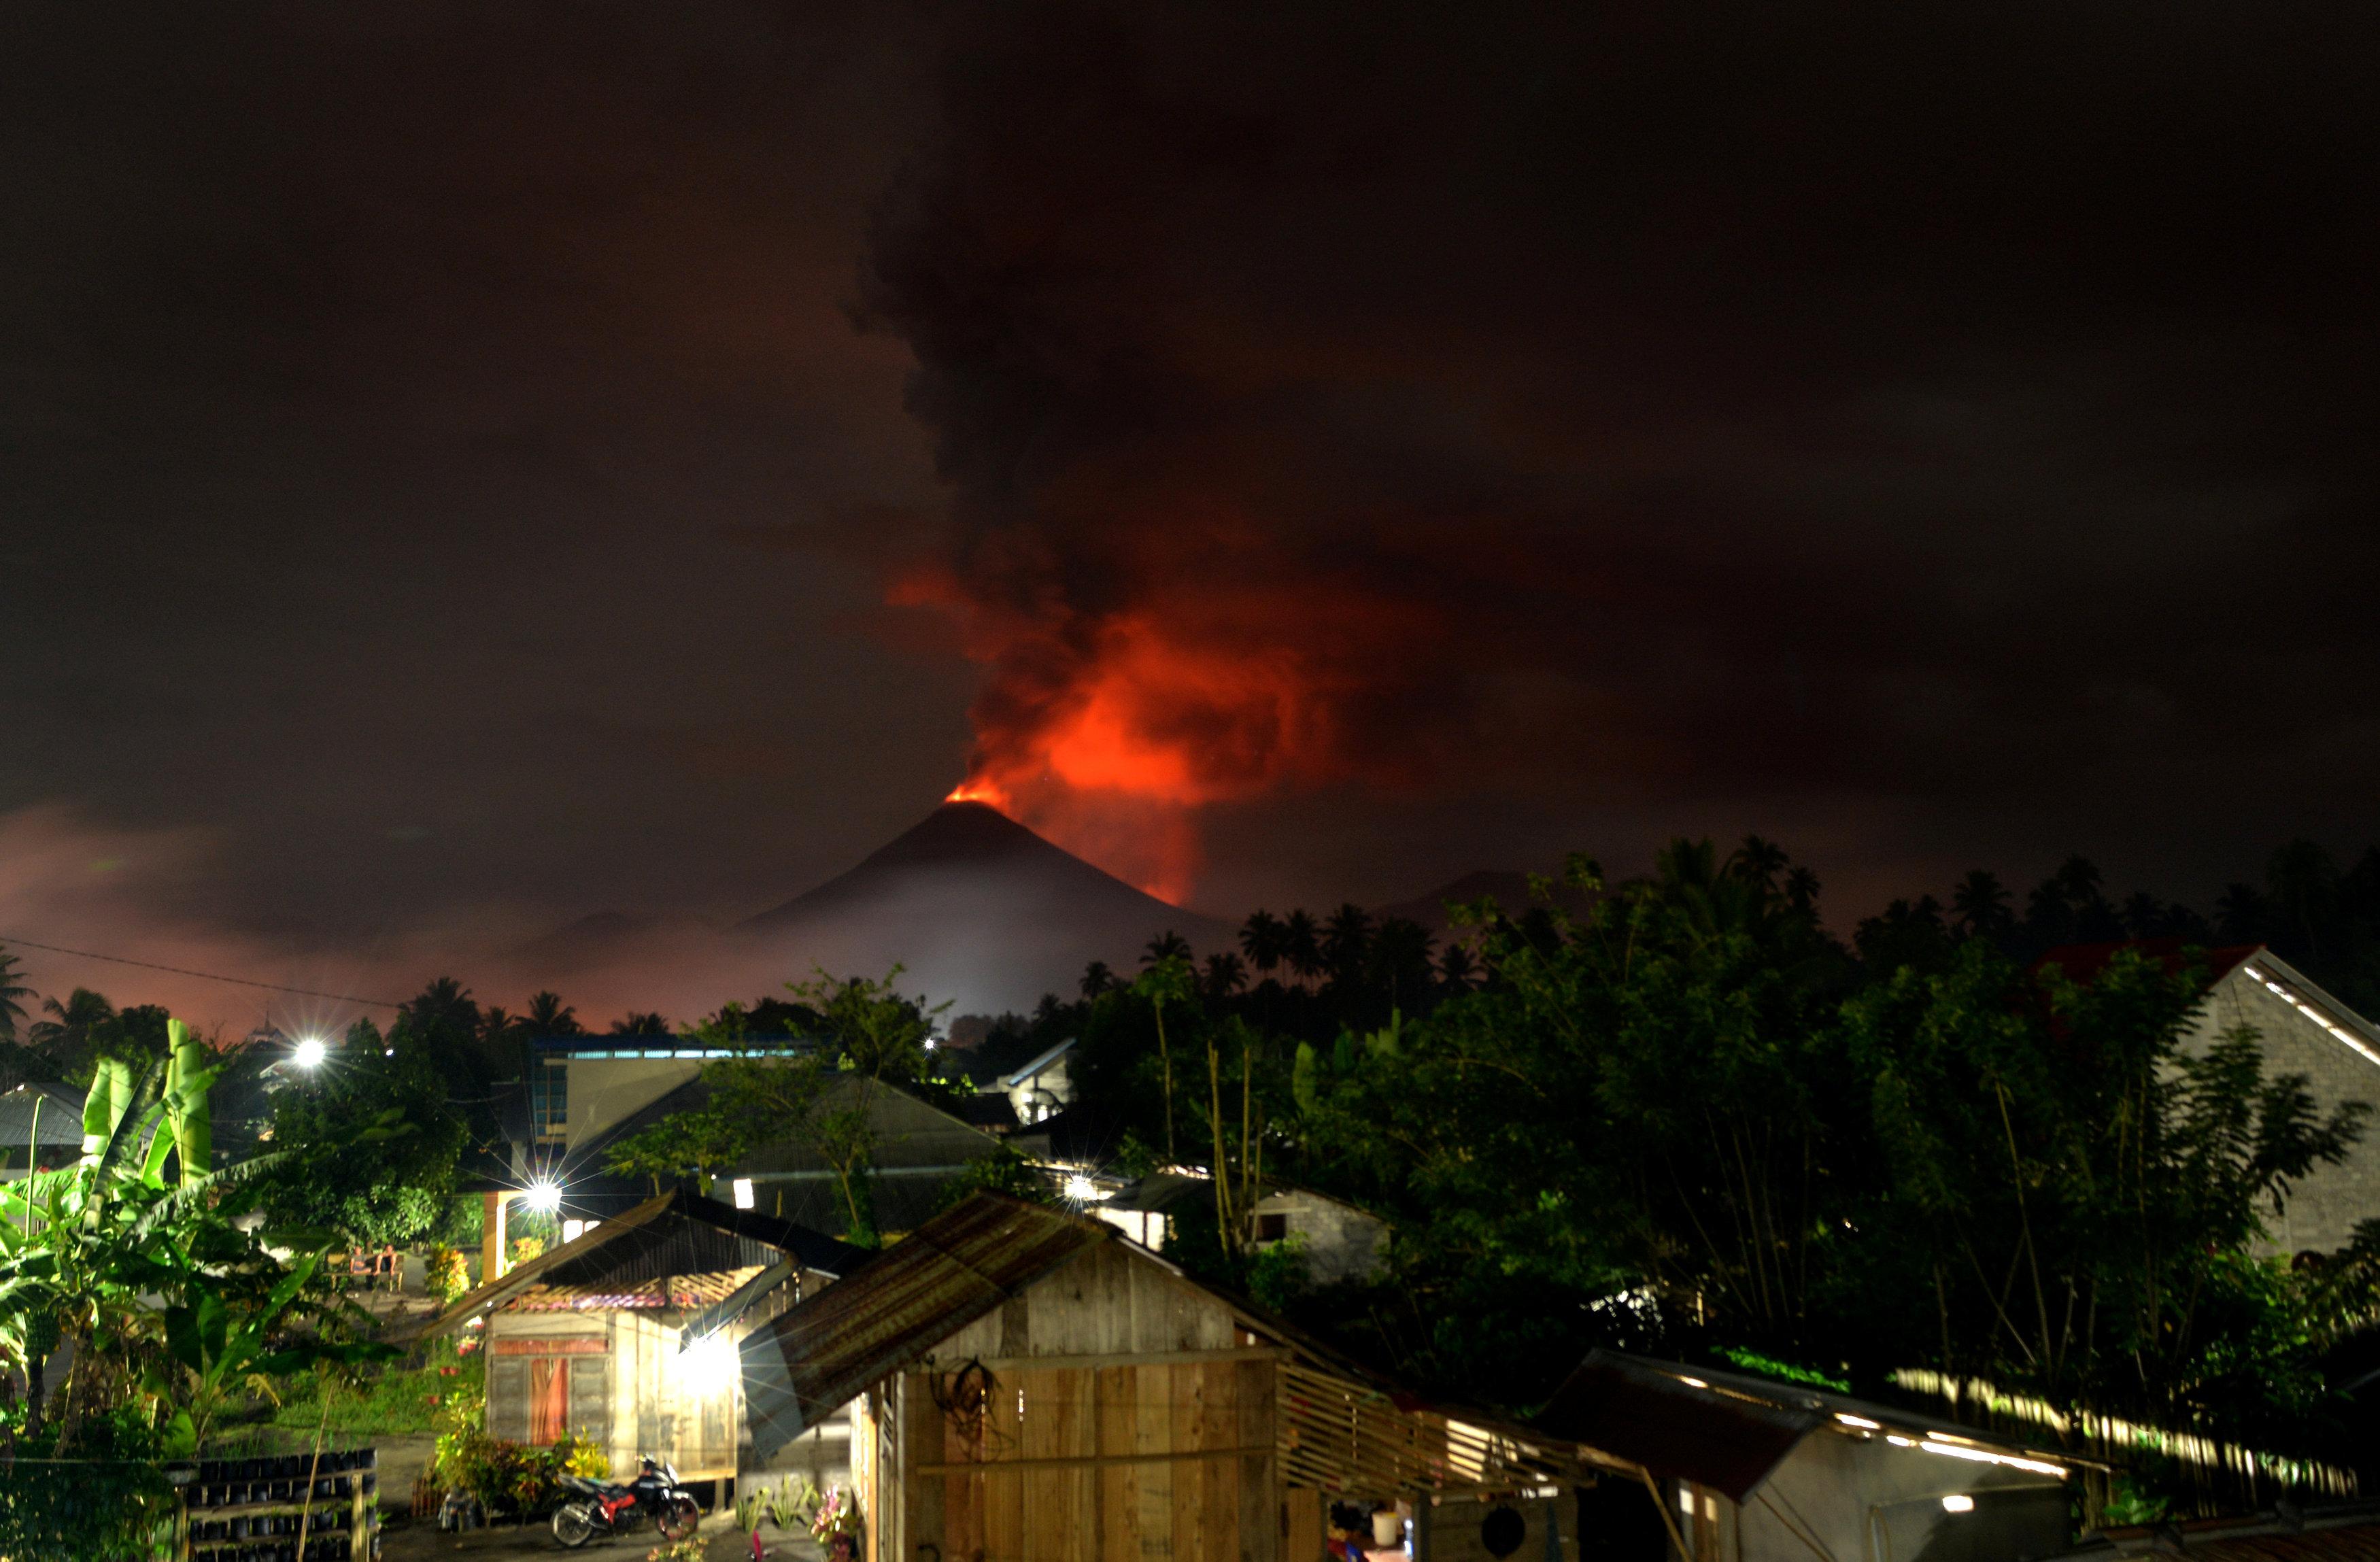 تجدد انفجار بركان جبل سوبوتان بوسط إندونيسيا (1)